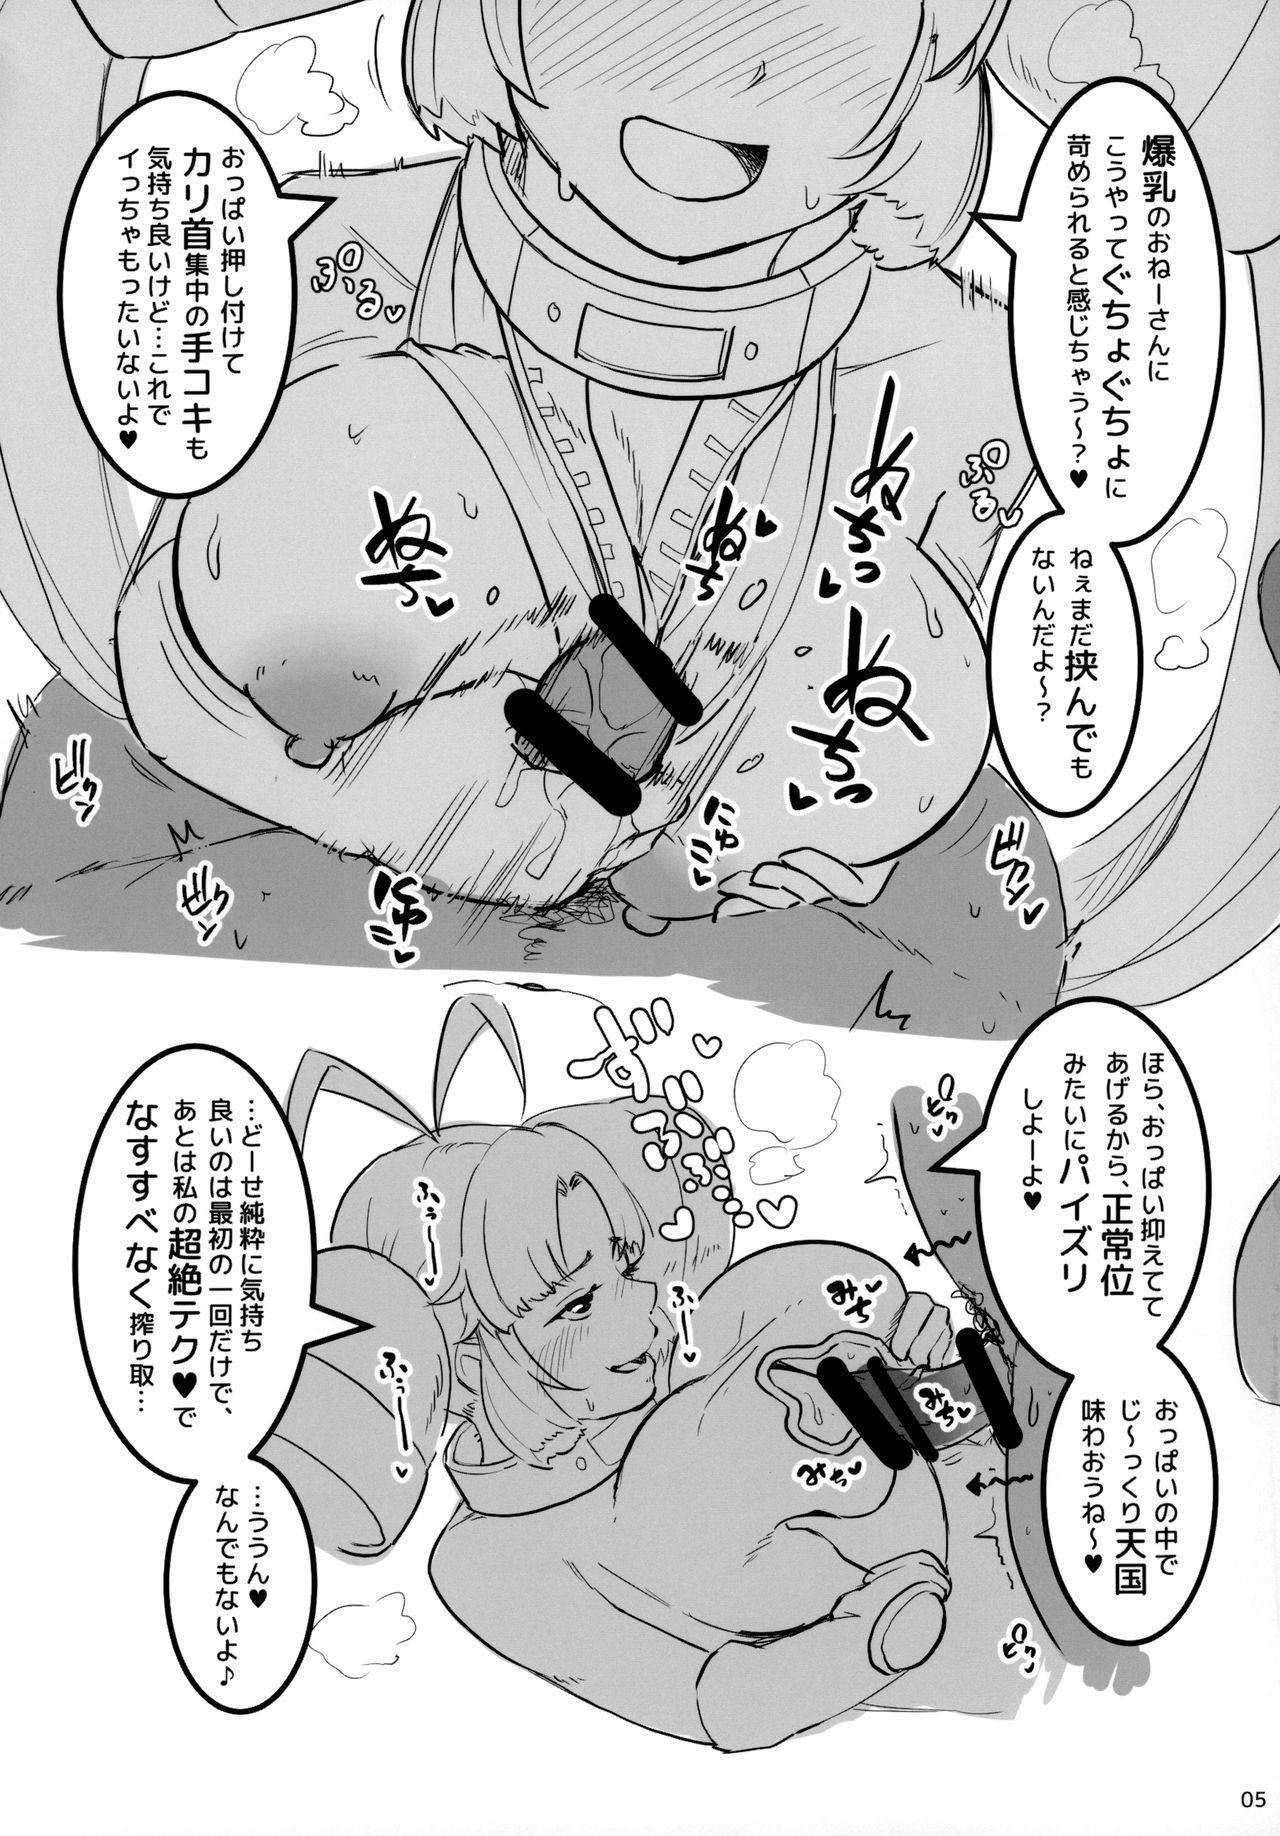 Bakunyuu de Ecchi na Yuugi Kijou-tachi ga Kousha Kousha Oppai de Anata no Seieki o Kaishuu Eigyou 3